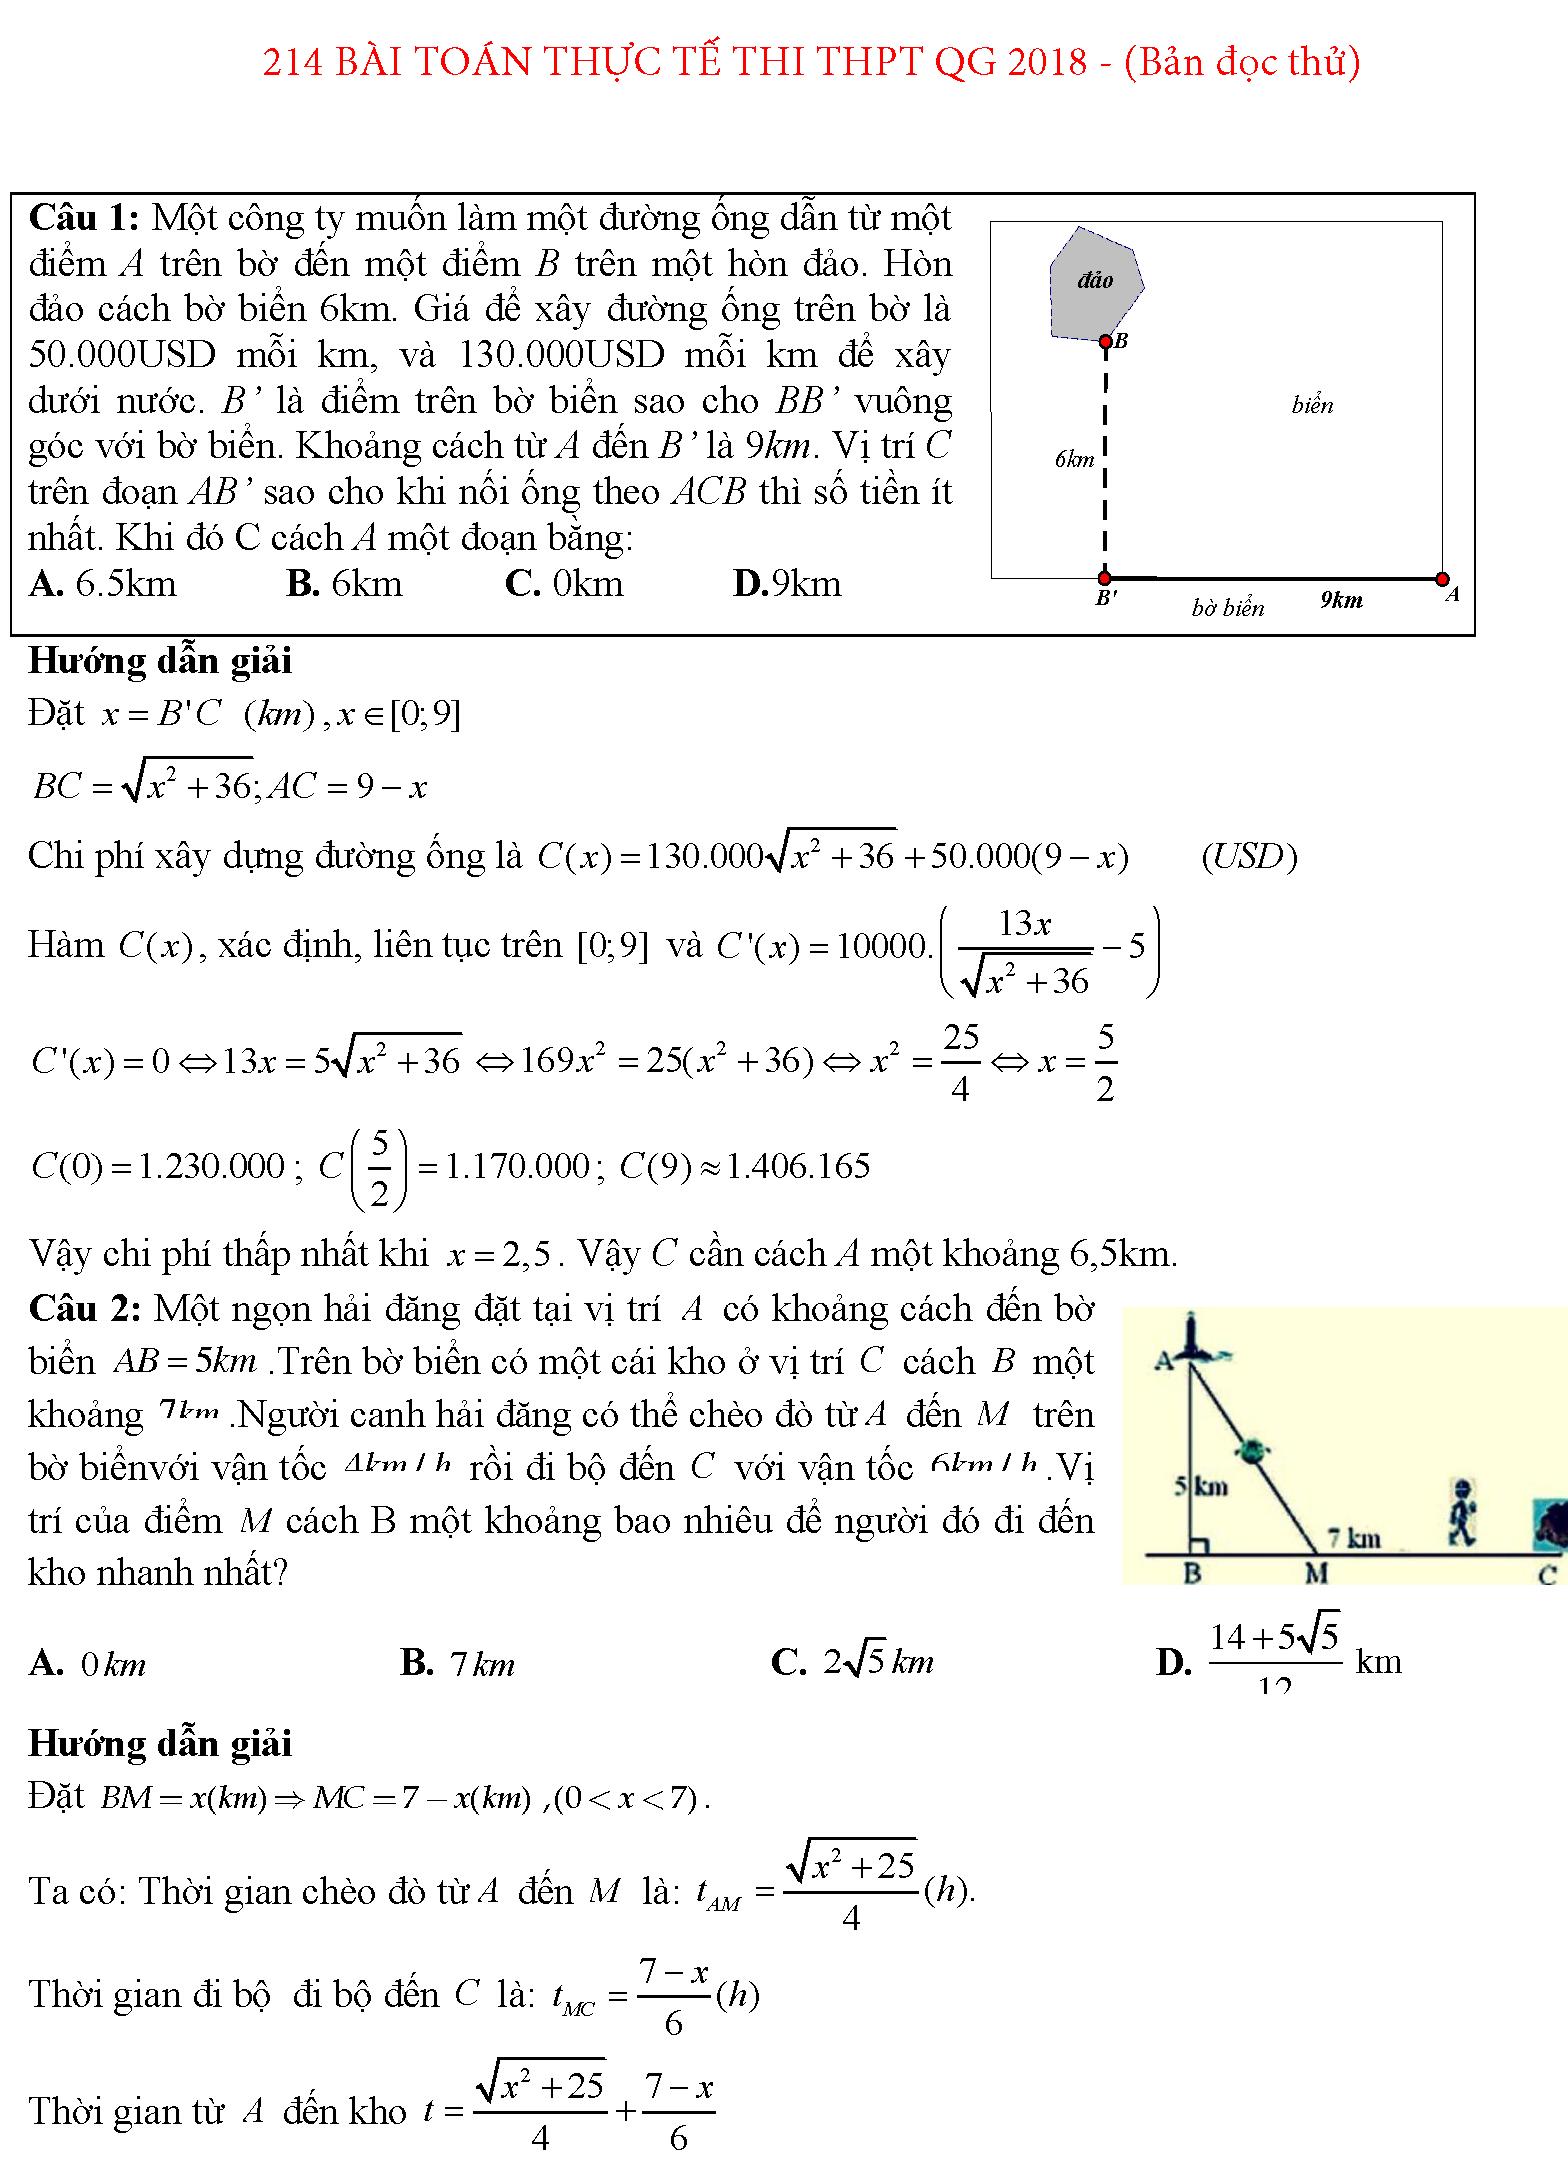 124 bài toán thực tế